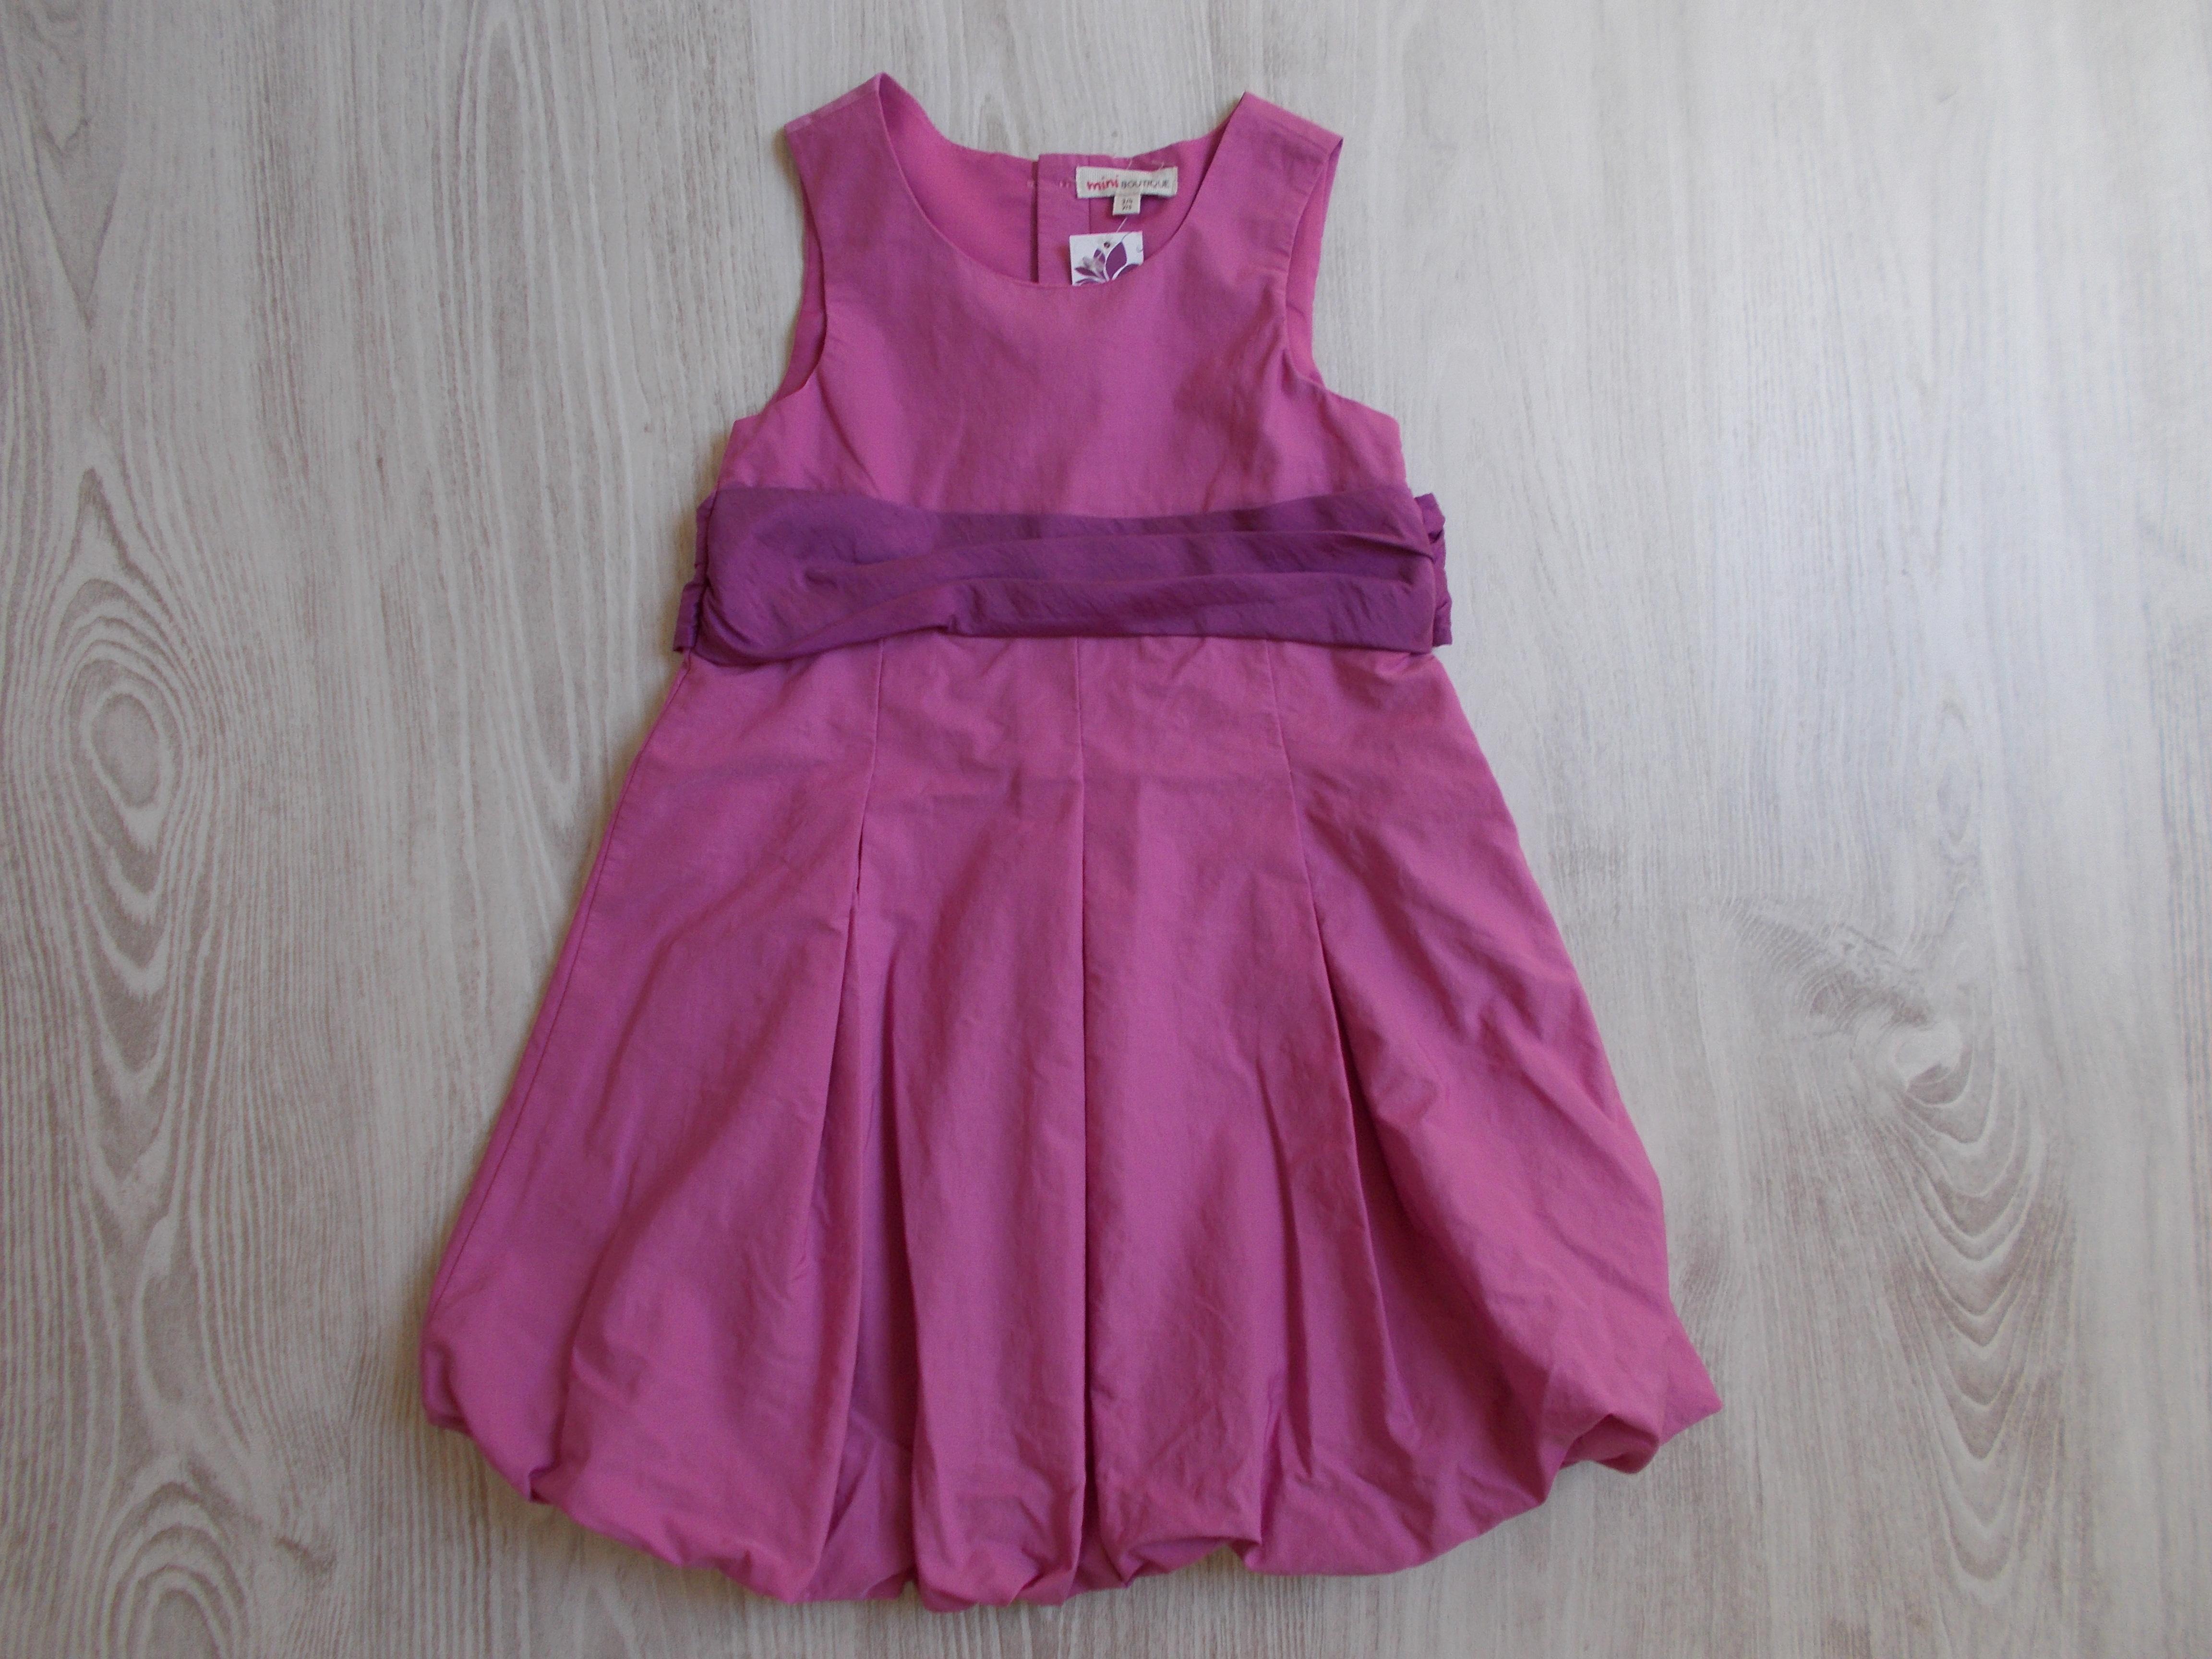 99b350e439 Lila hagymaaljú alkalmi ruha [98 (3 év) / Lány ruhák] :: Lótusz ...